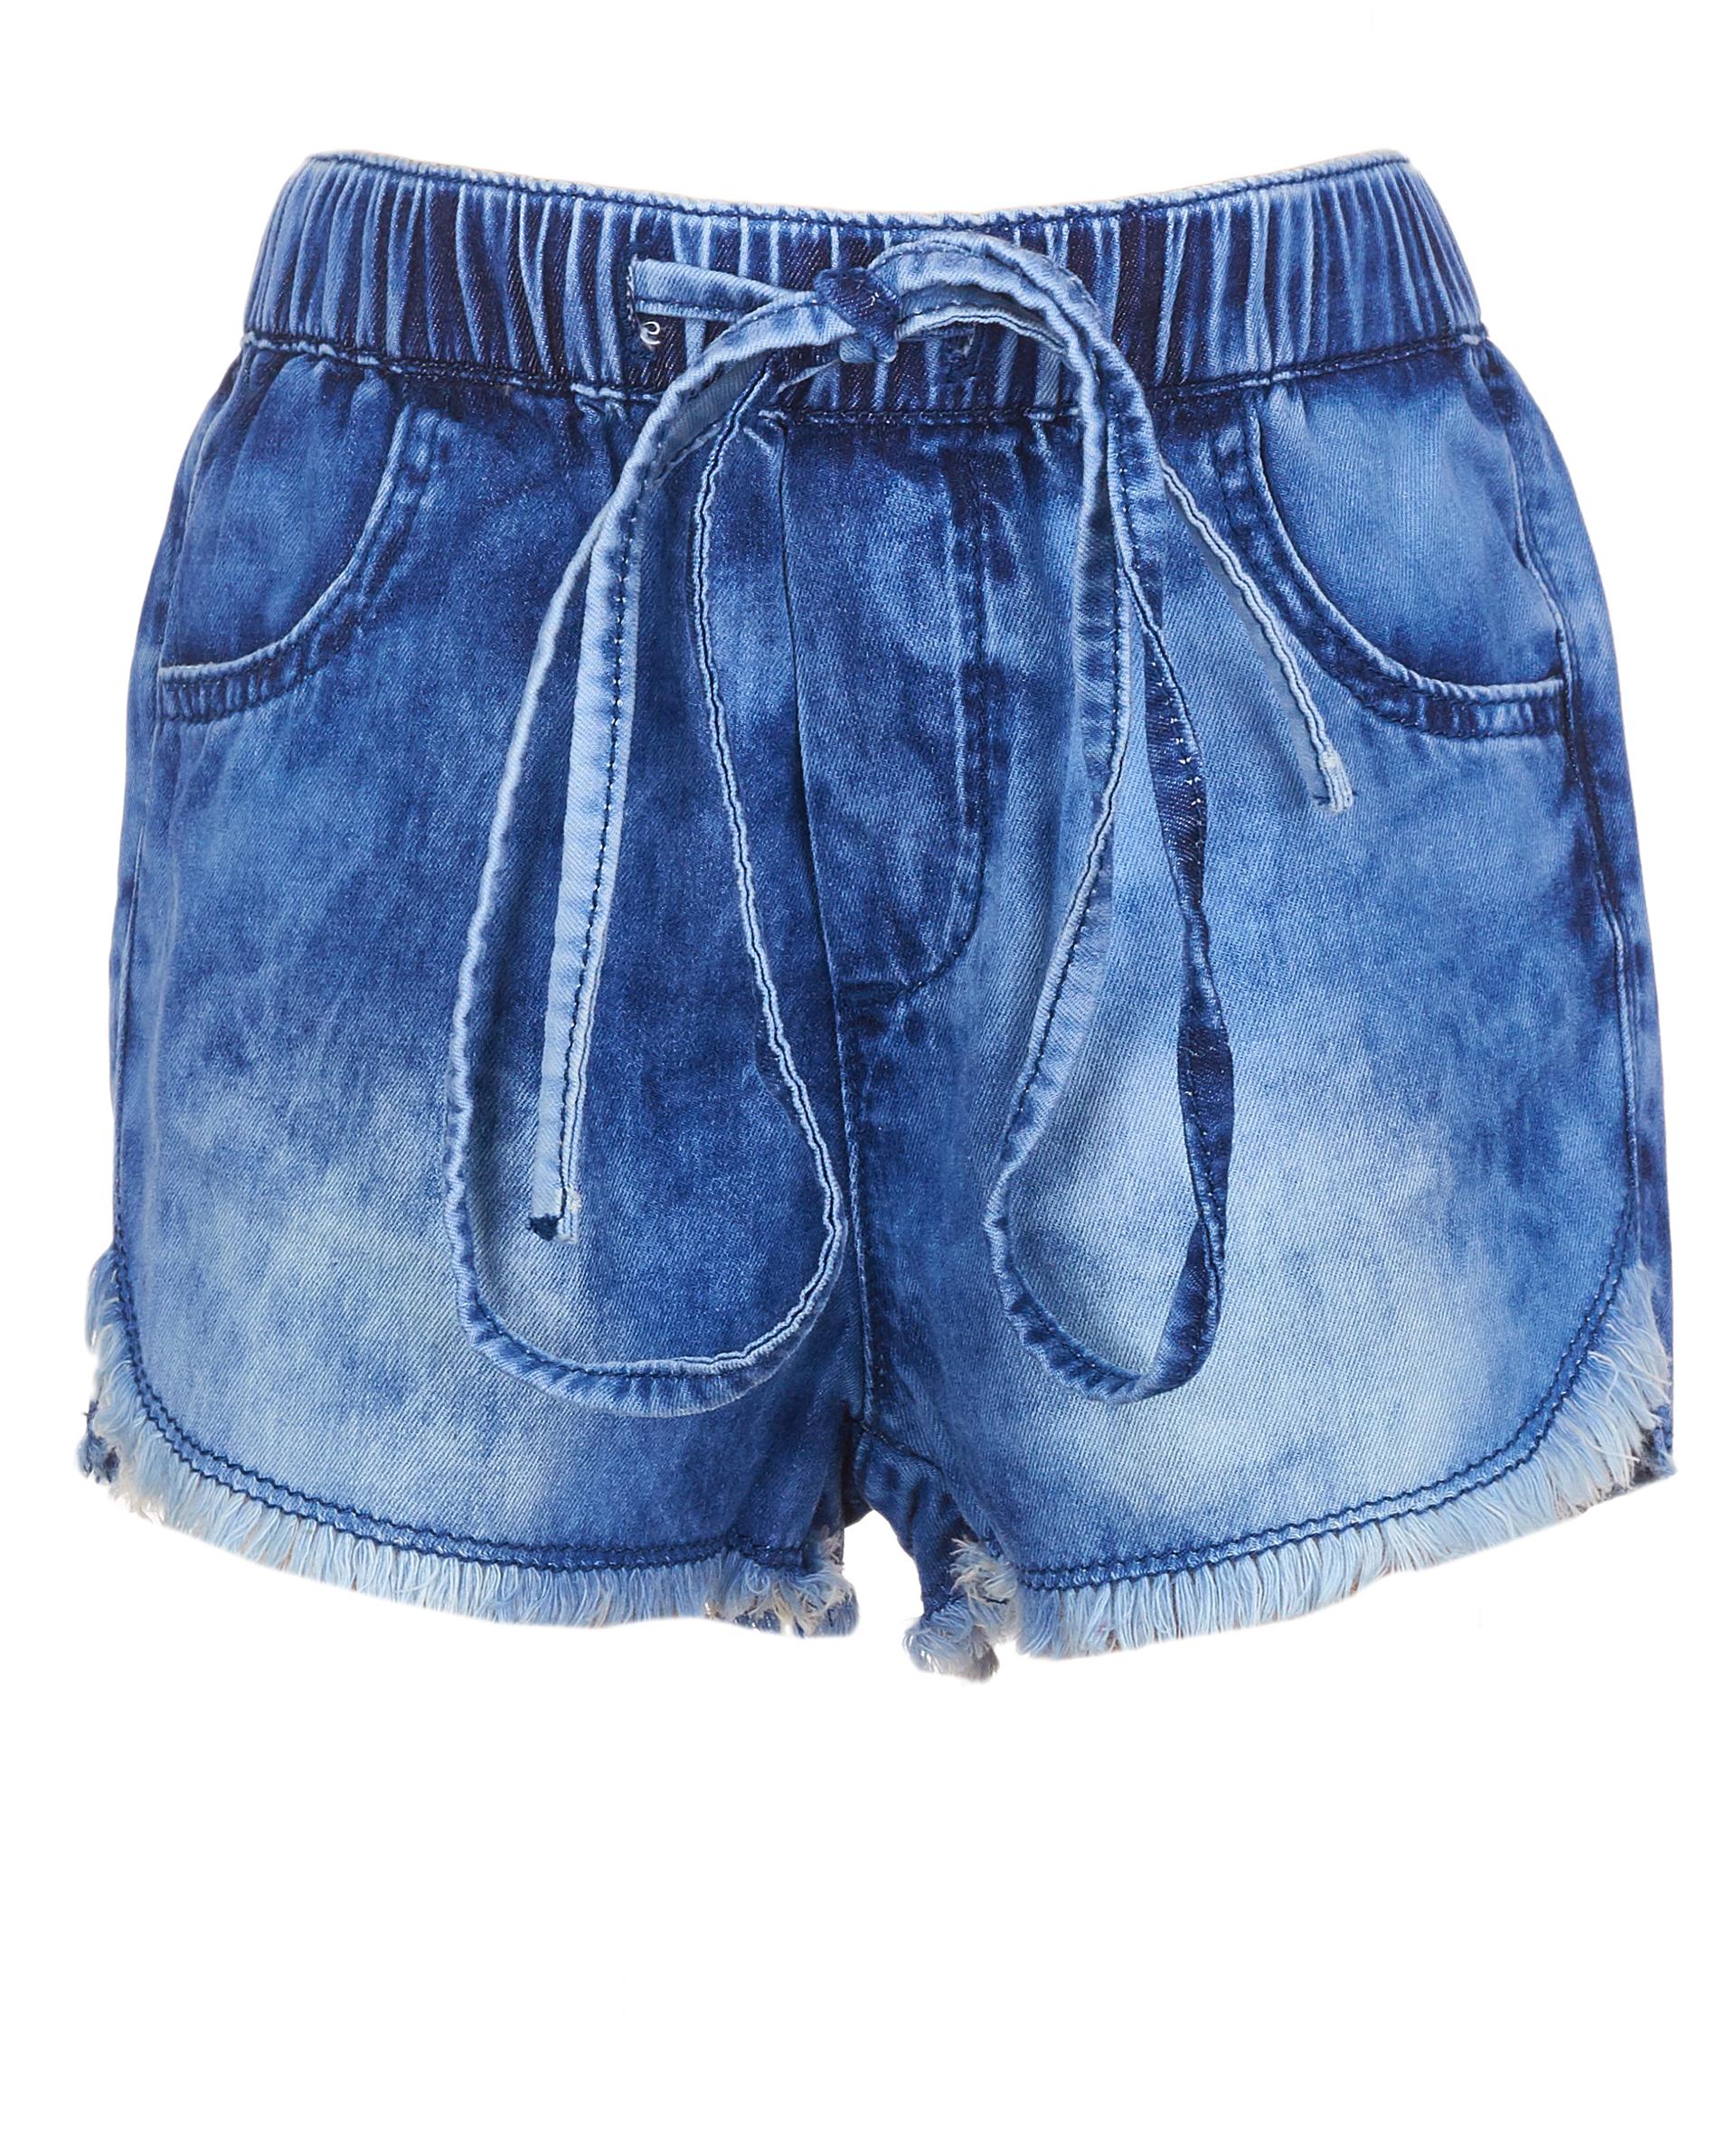 Купить 11930GBC6001, Синие джинсовые шорты Gulliver, Gulliver Baby, синий, 92, Женский, ВЕСНА/ЛЕТО 2019 (shop: GulliverMarket Gulliver Market)